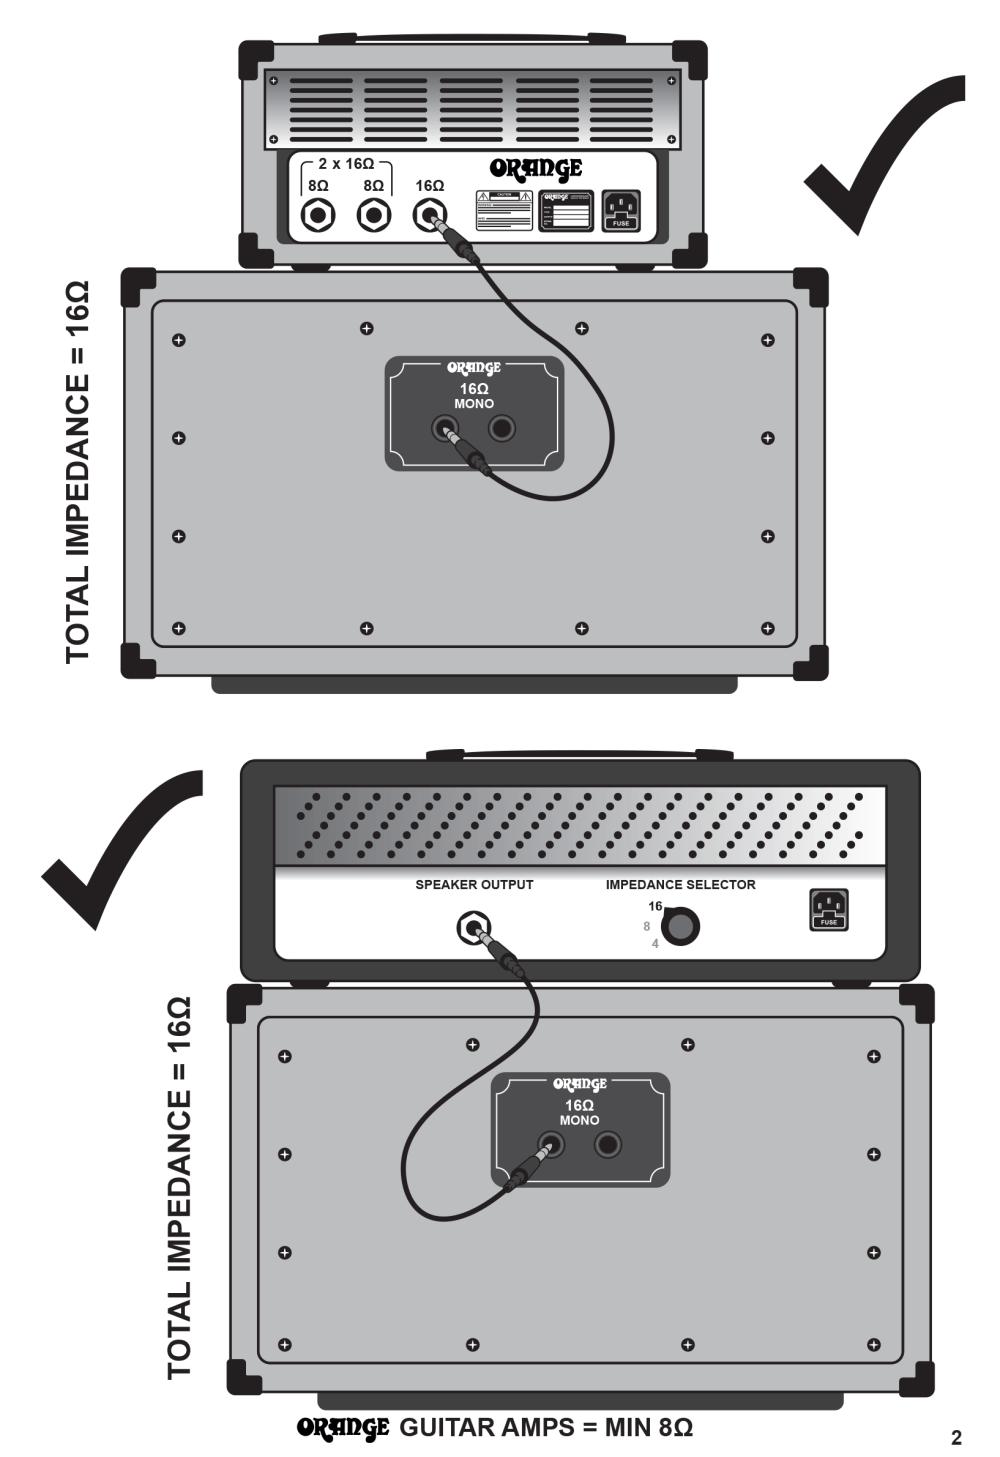 medium resolution of ppc obc speaker cabinets manual orange amps guitar cab wiring diagrams guitar cab diagram